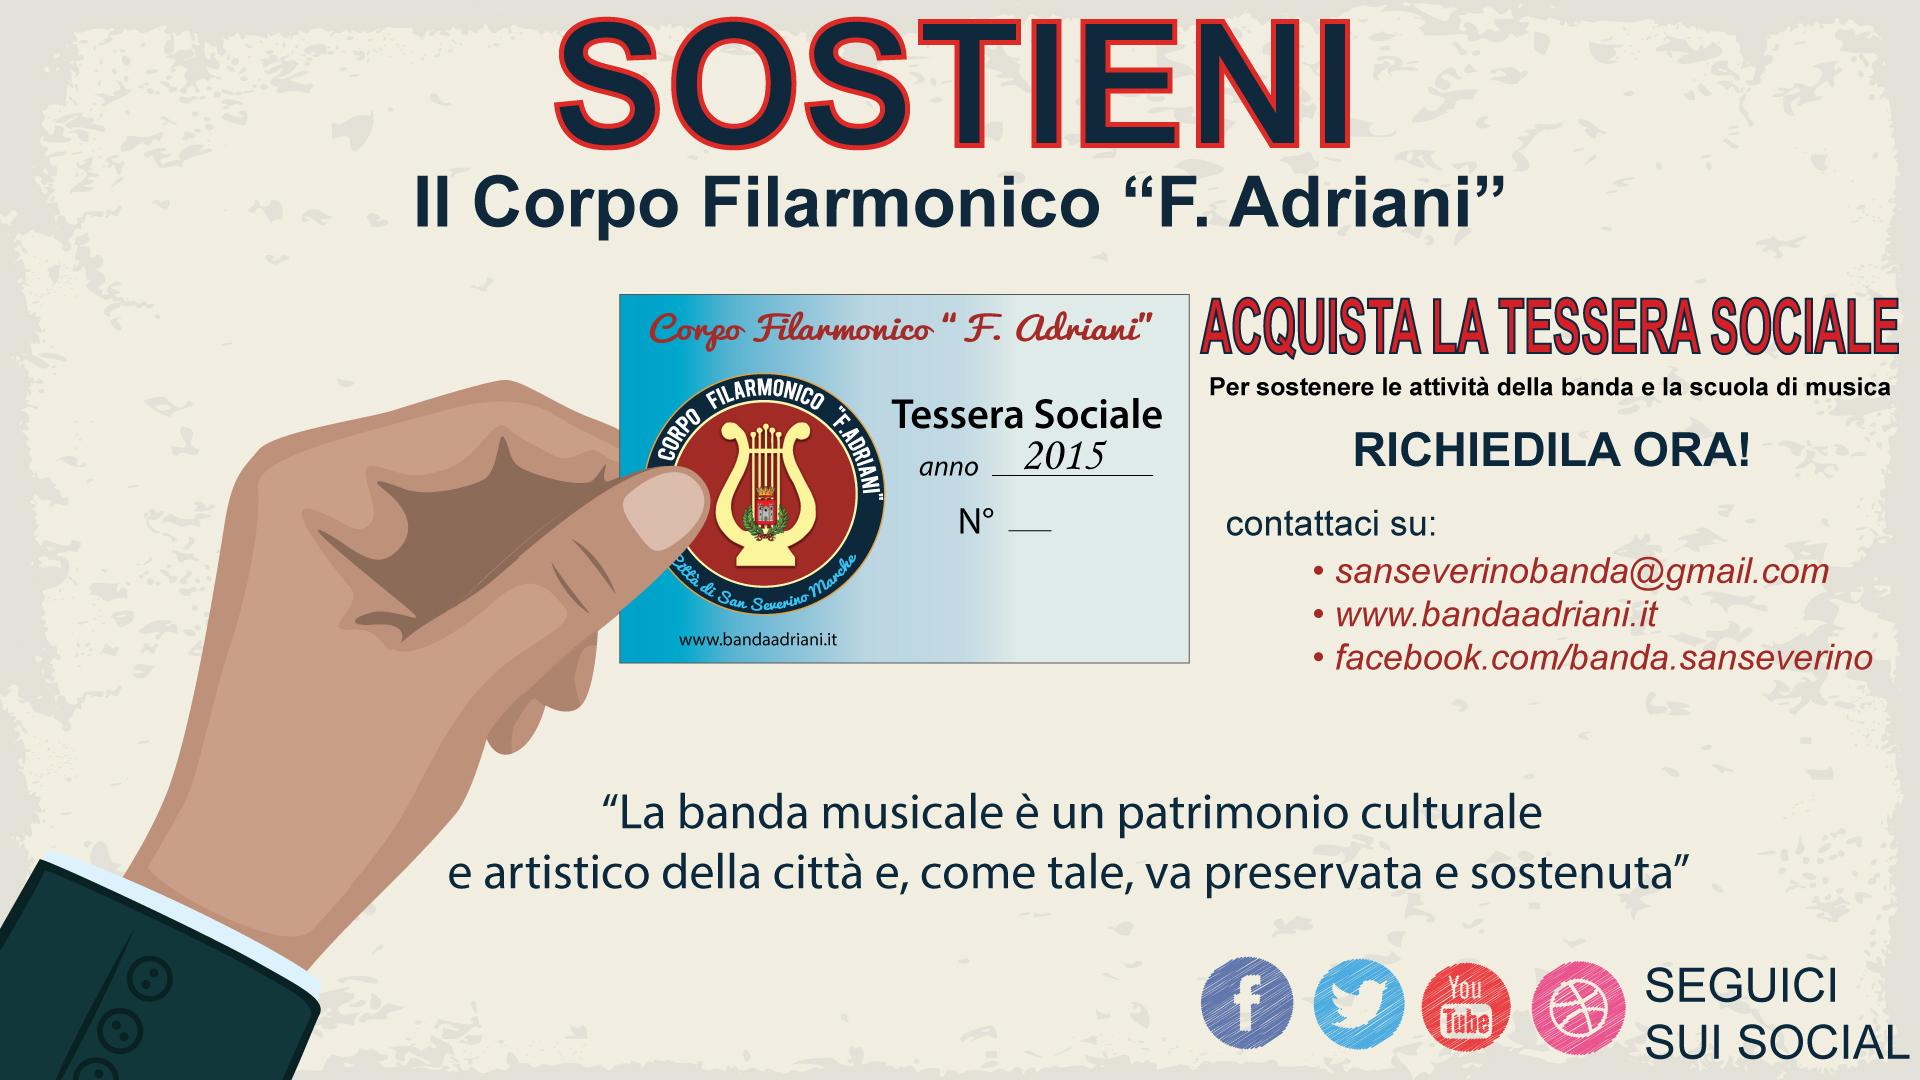 Sostieni la #BandaAdriani con la TESSERA SOCIALE